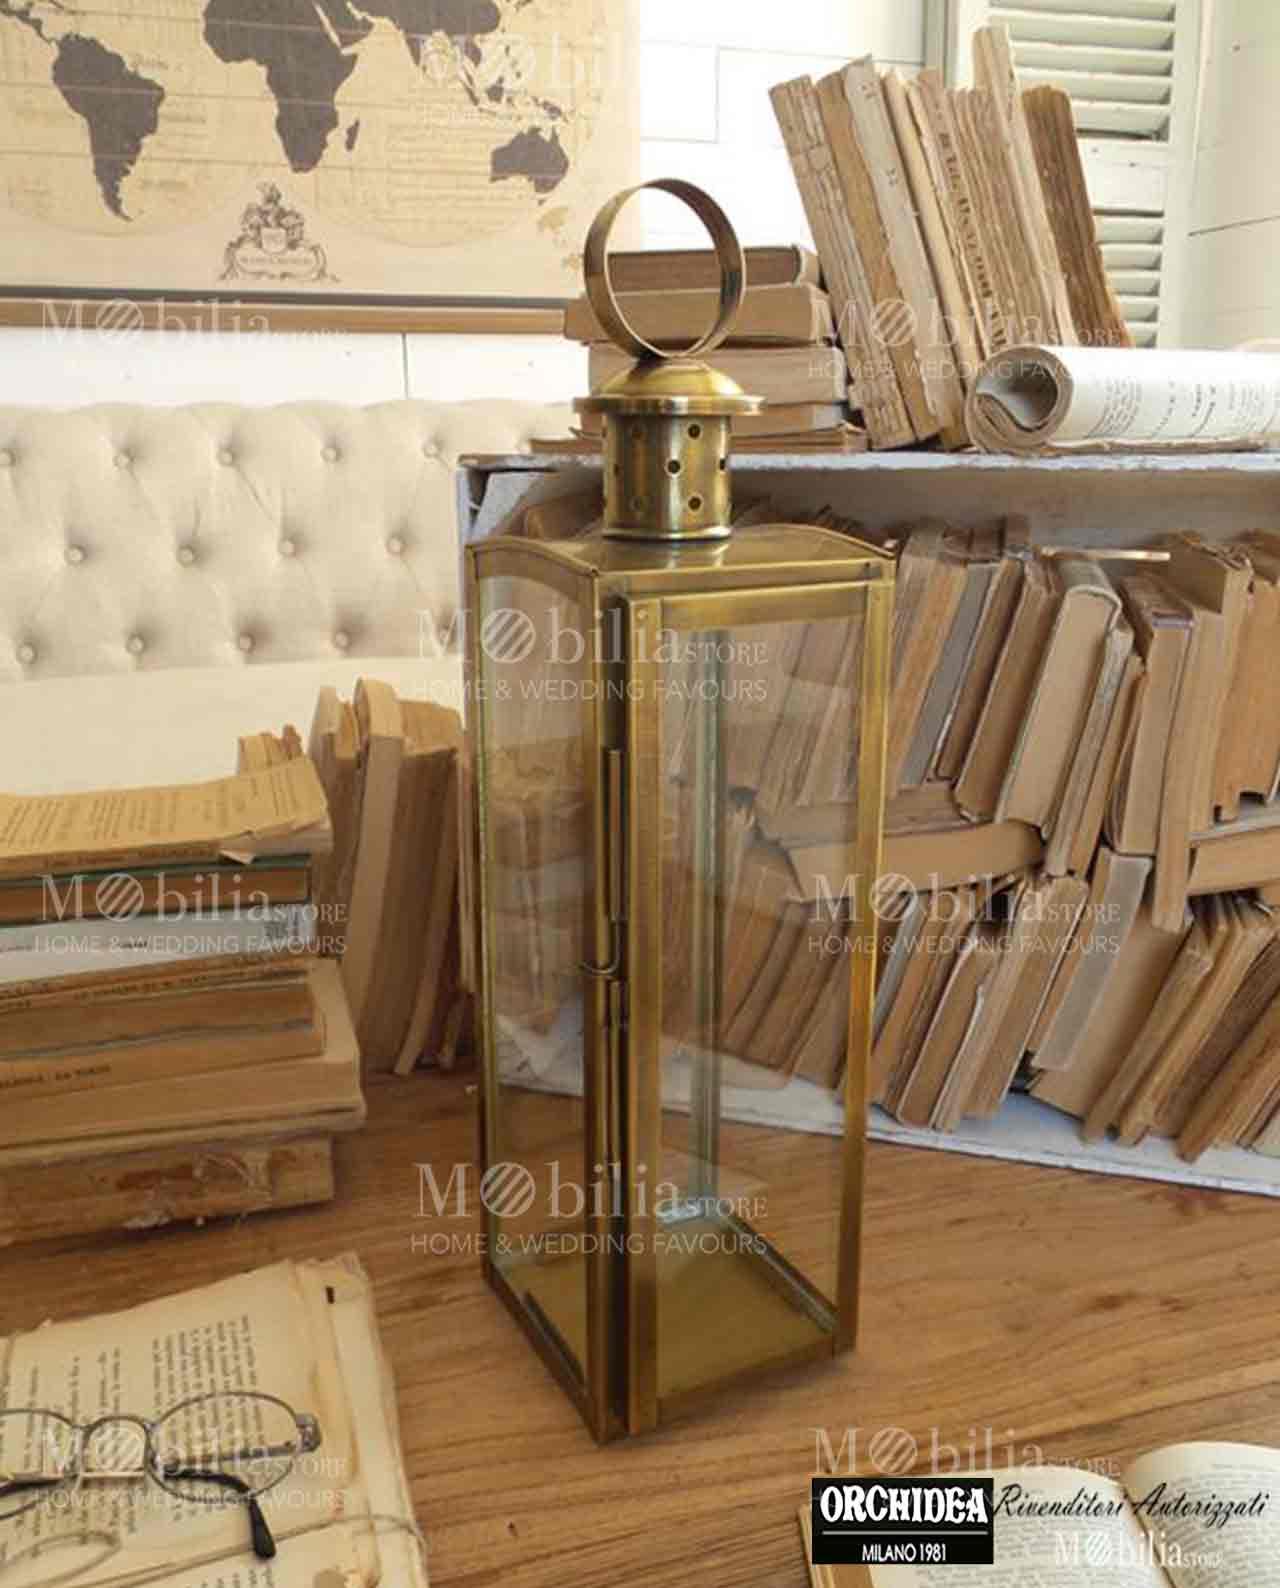 Lanterna alta collezzione orient express mobilia store for Mobilia store